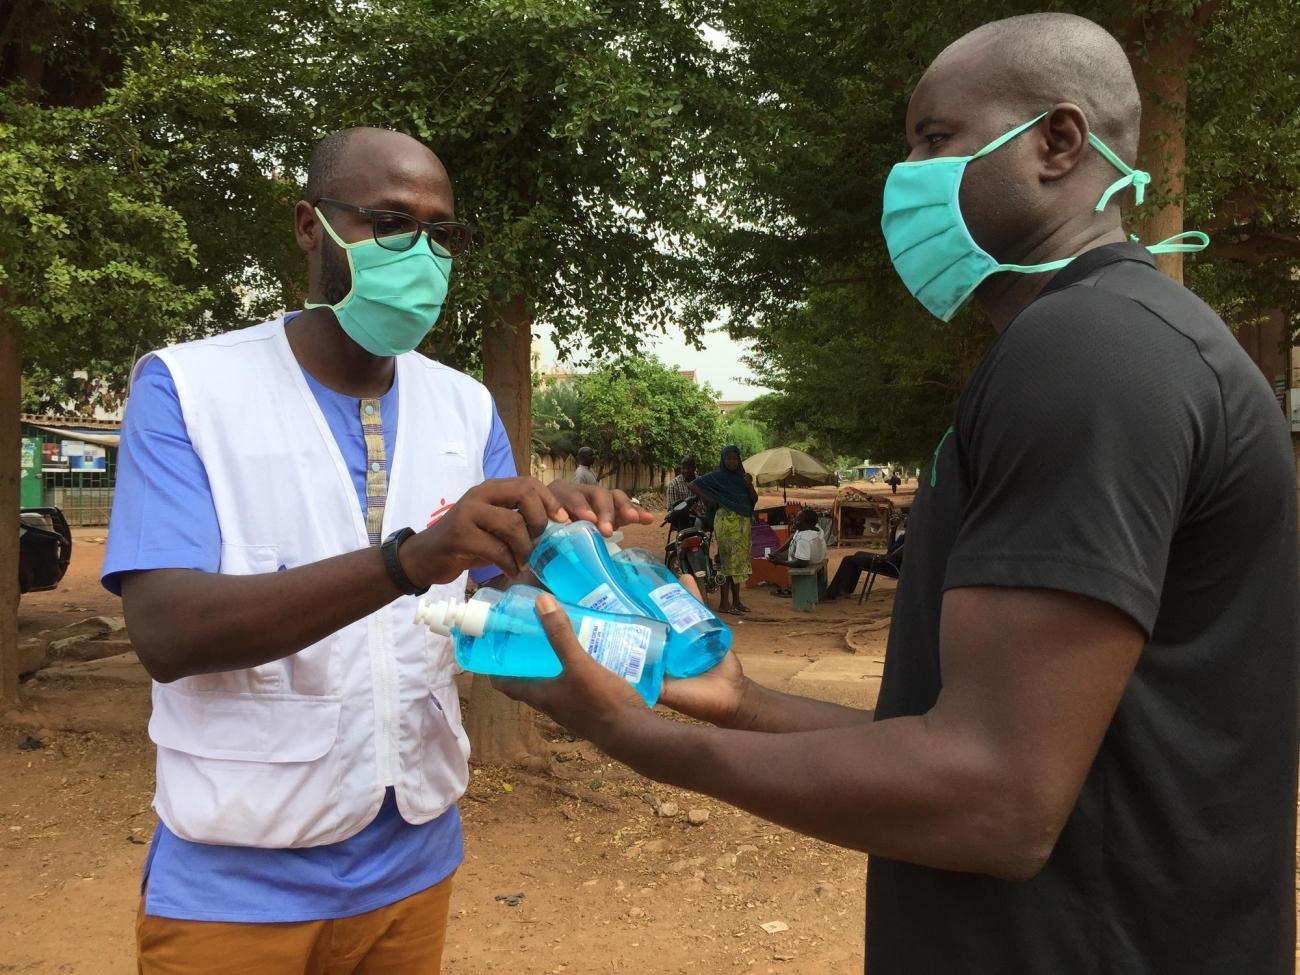 Kangni Cly, agent MSF, remet des savons liquides à un habitant pour les disposer à côté du kit de lavage de mains.  © Lamine Keita/MSF